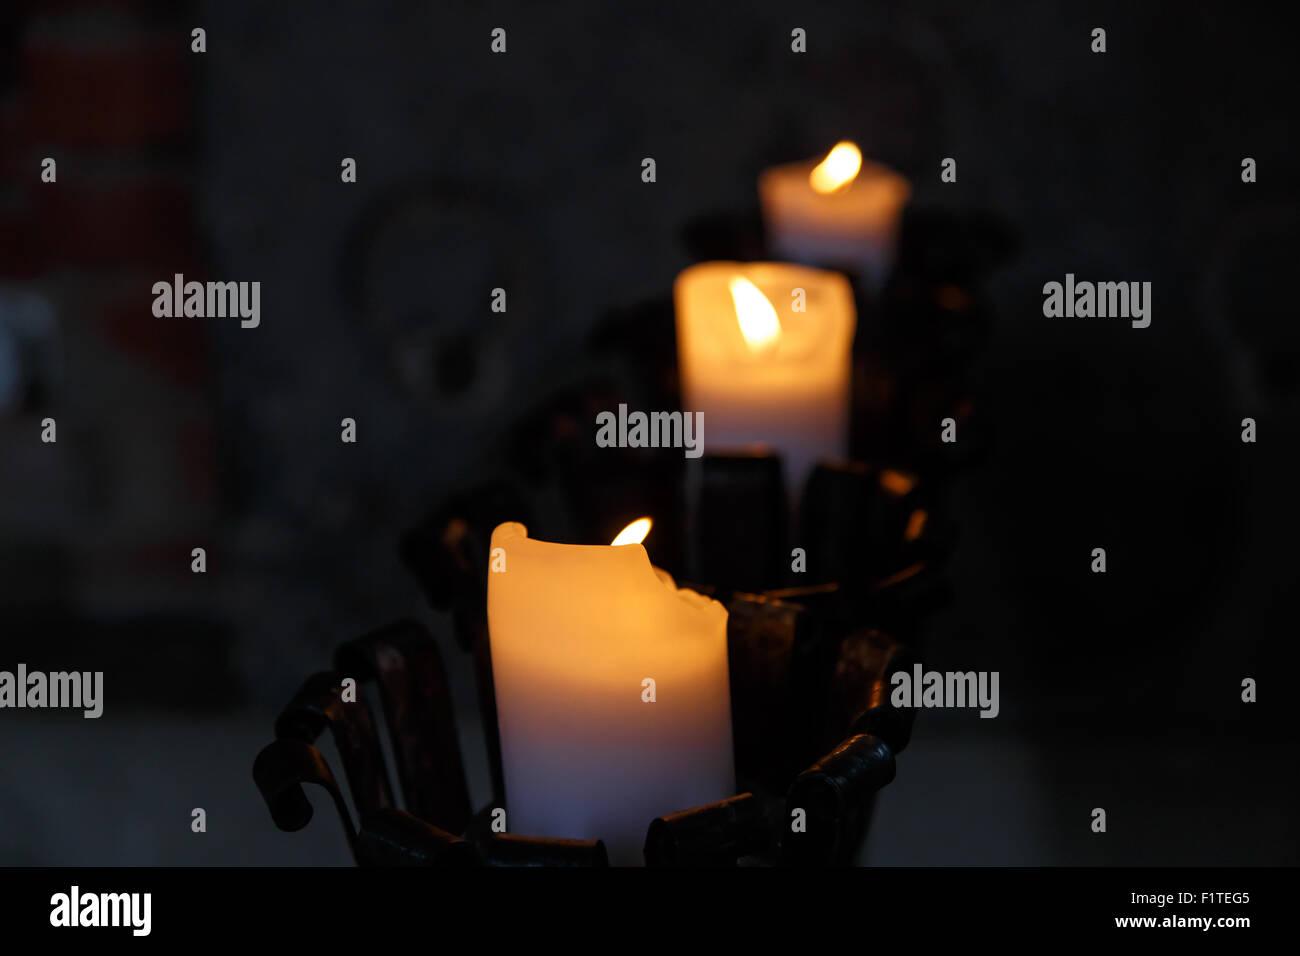 Kronleuchter Eisen Für Kerzen ~ Vorderansicht der kerze in schwarzem eisen kronleuchter brennen